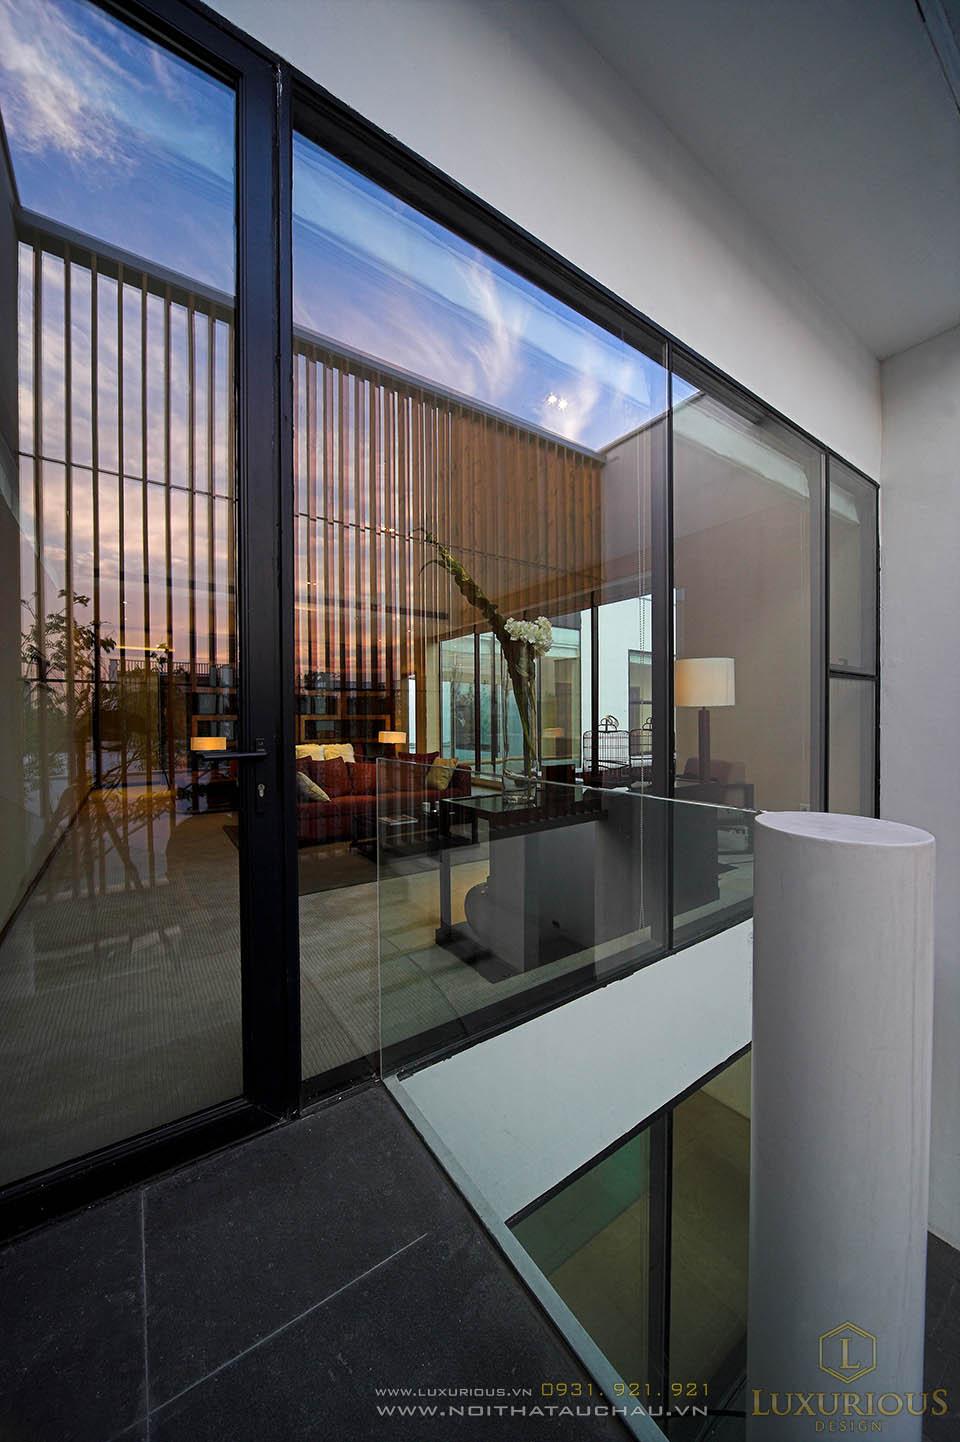 Thiết kế thi công nội thất nhà biệt thự 4 phòng ngủ